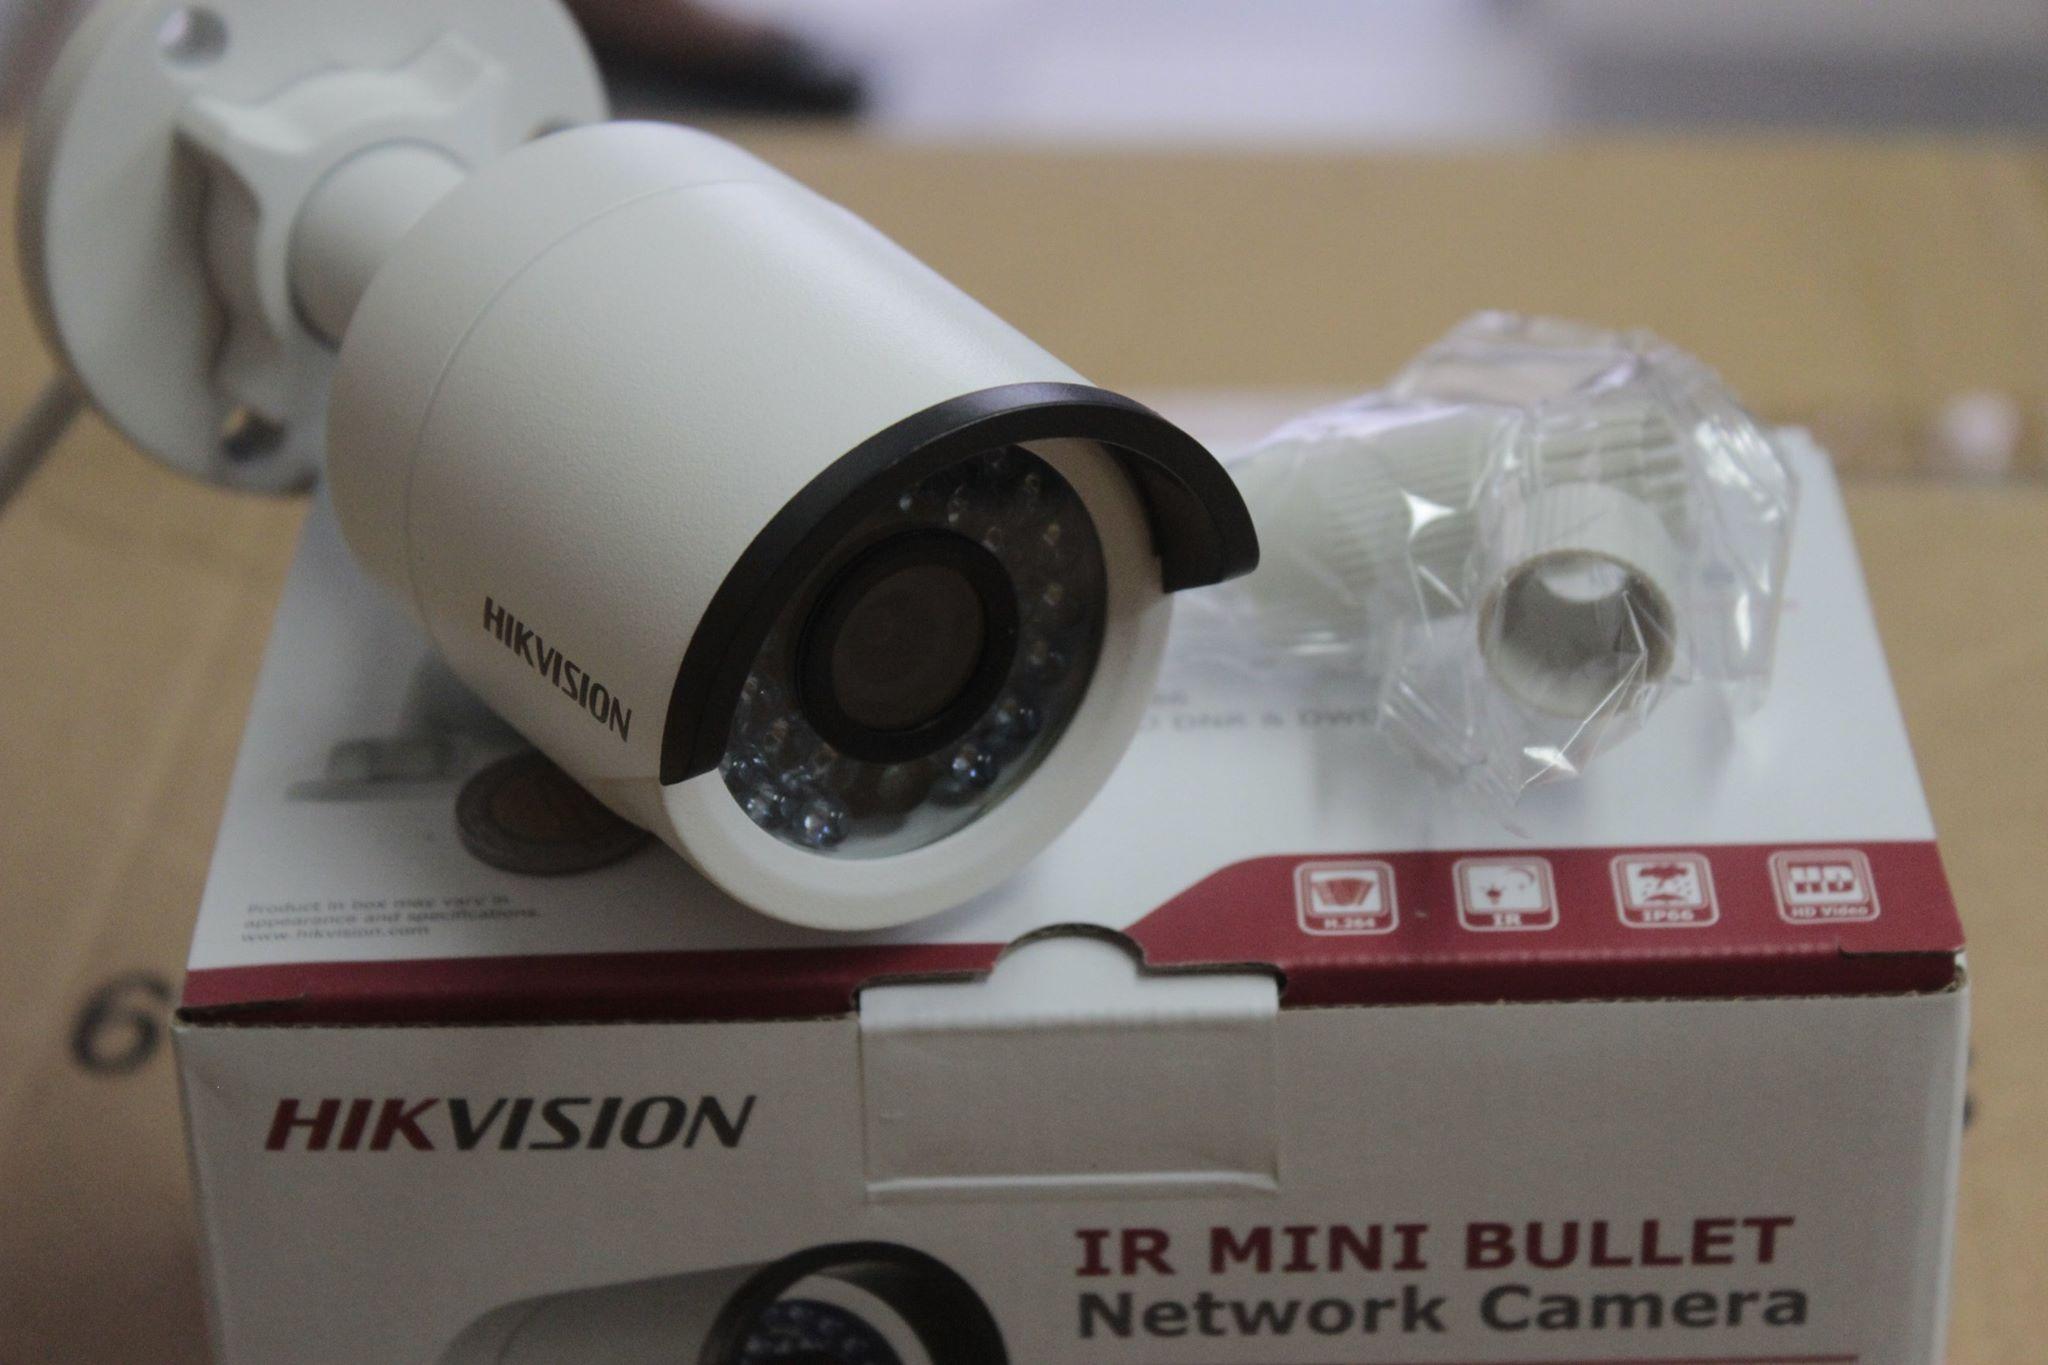 Siempre es recomendable utilizar marcas líderes en el mercado de cámaras de seguridad como Hikvision, Epcom o Dahua.